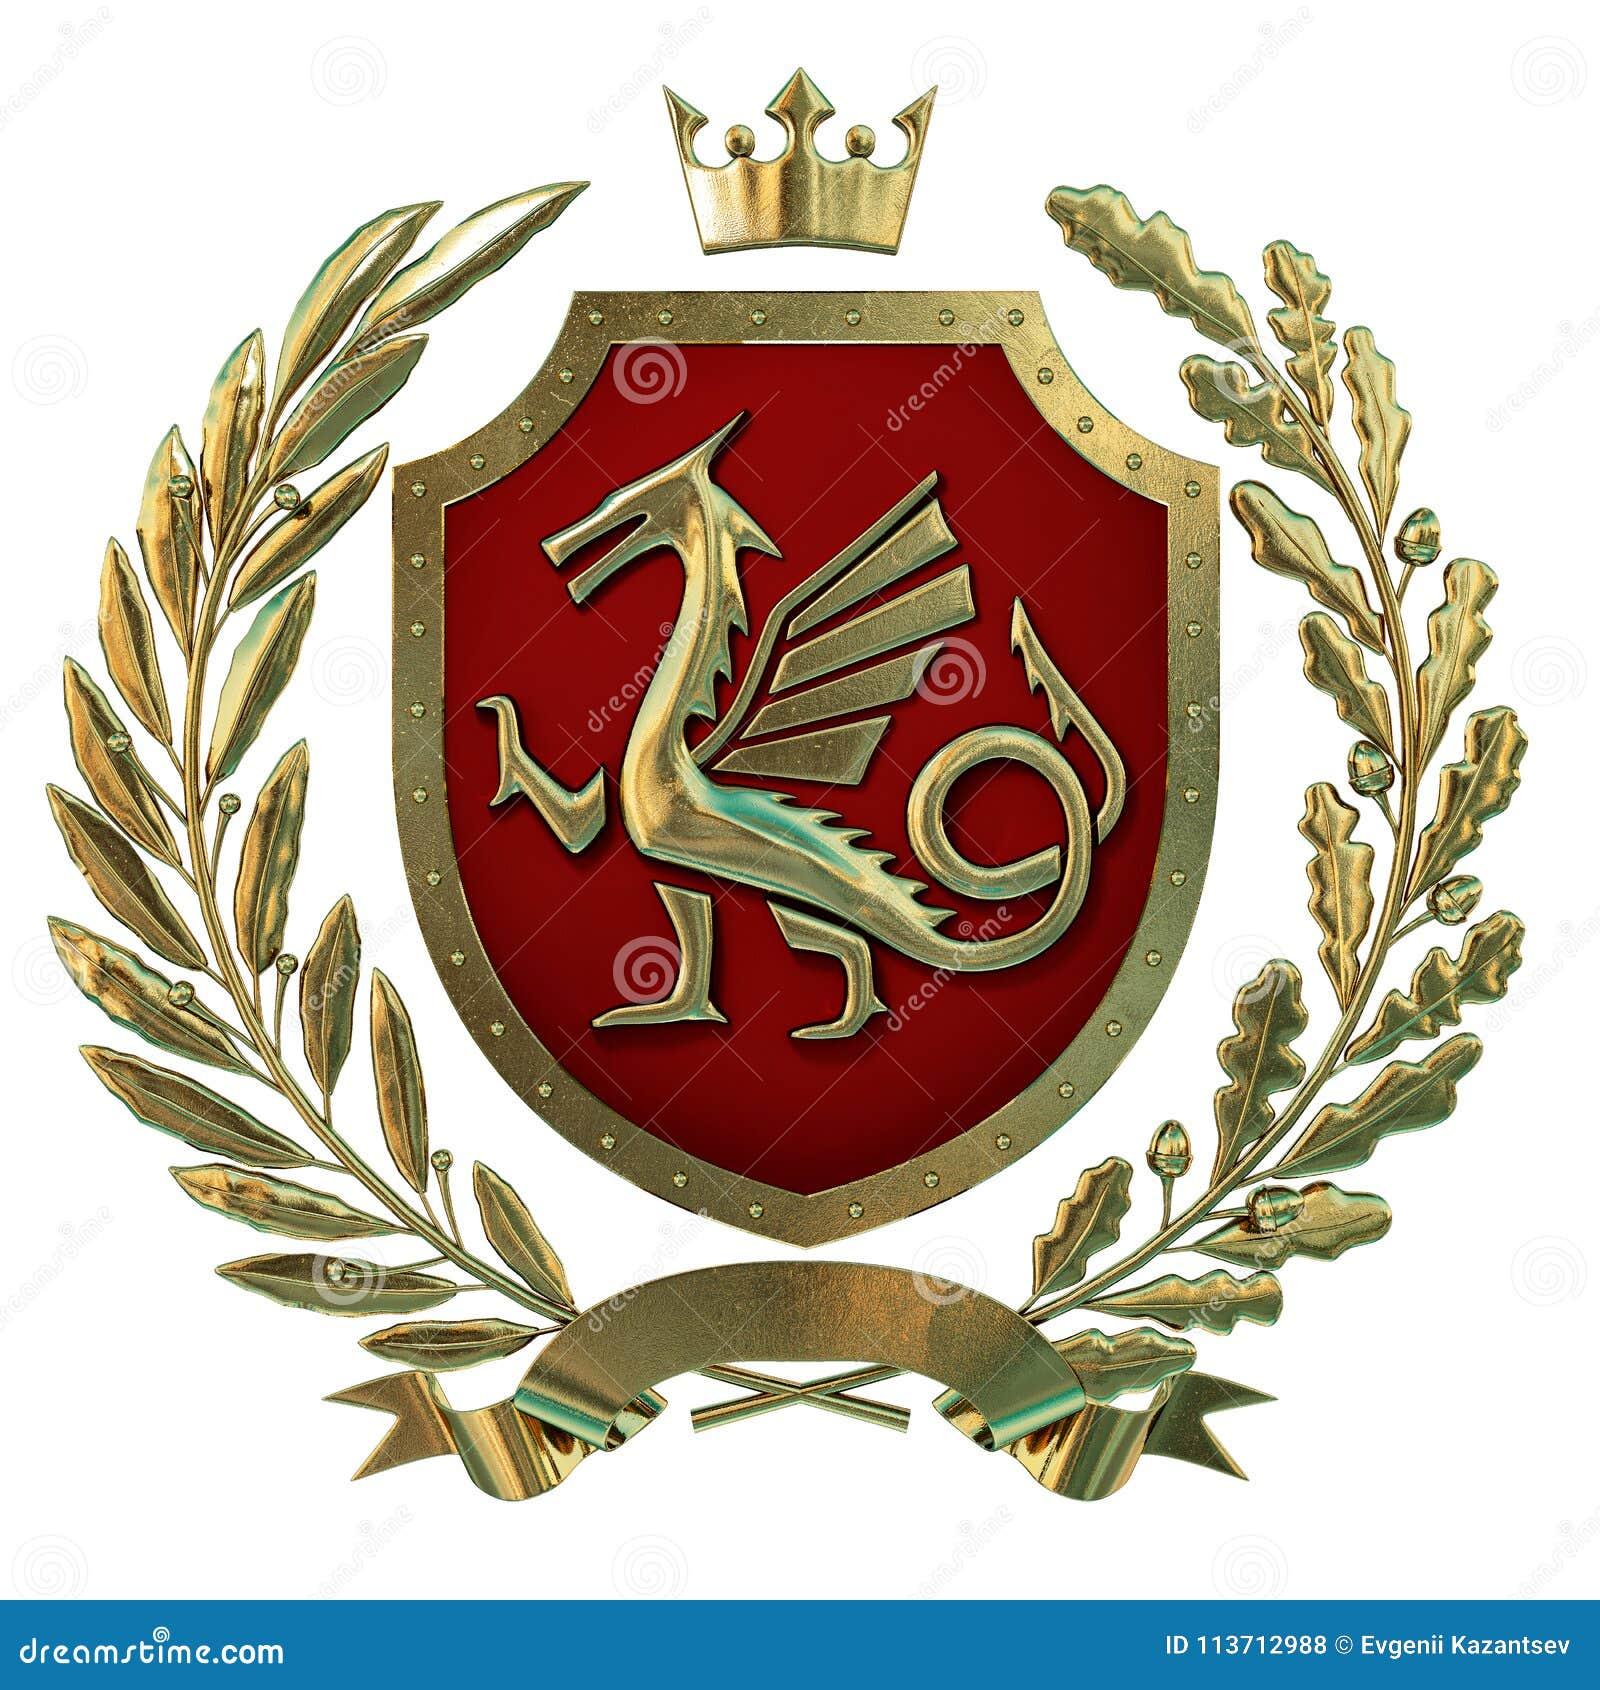 3D例证纹章,红色徽章 金黄橄榄树枝,橡木分支,冠,盾,龙 Isolat